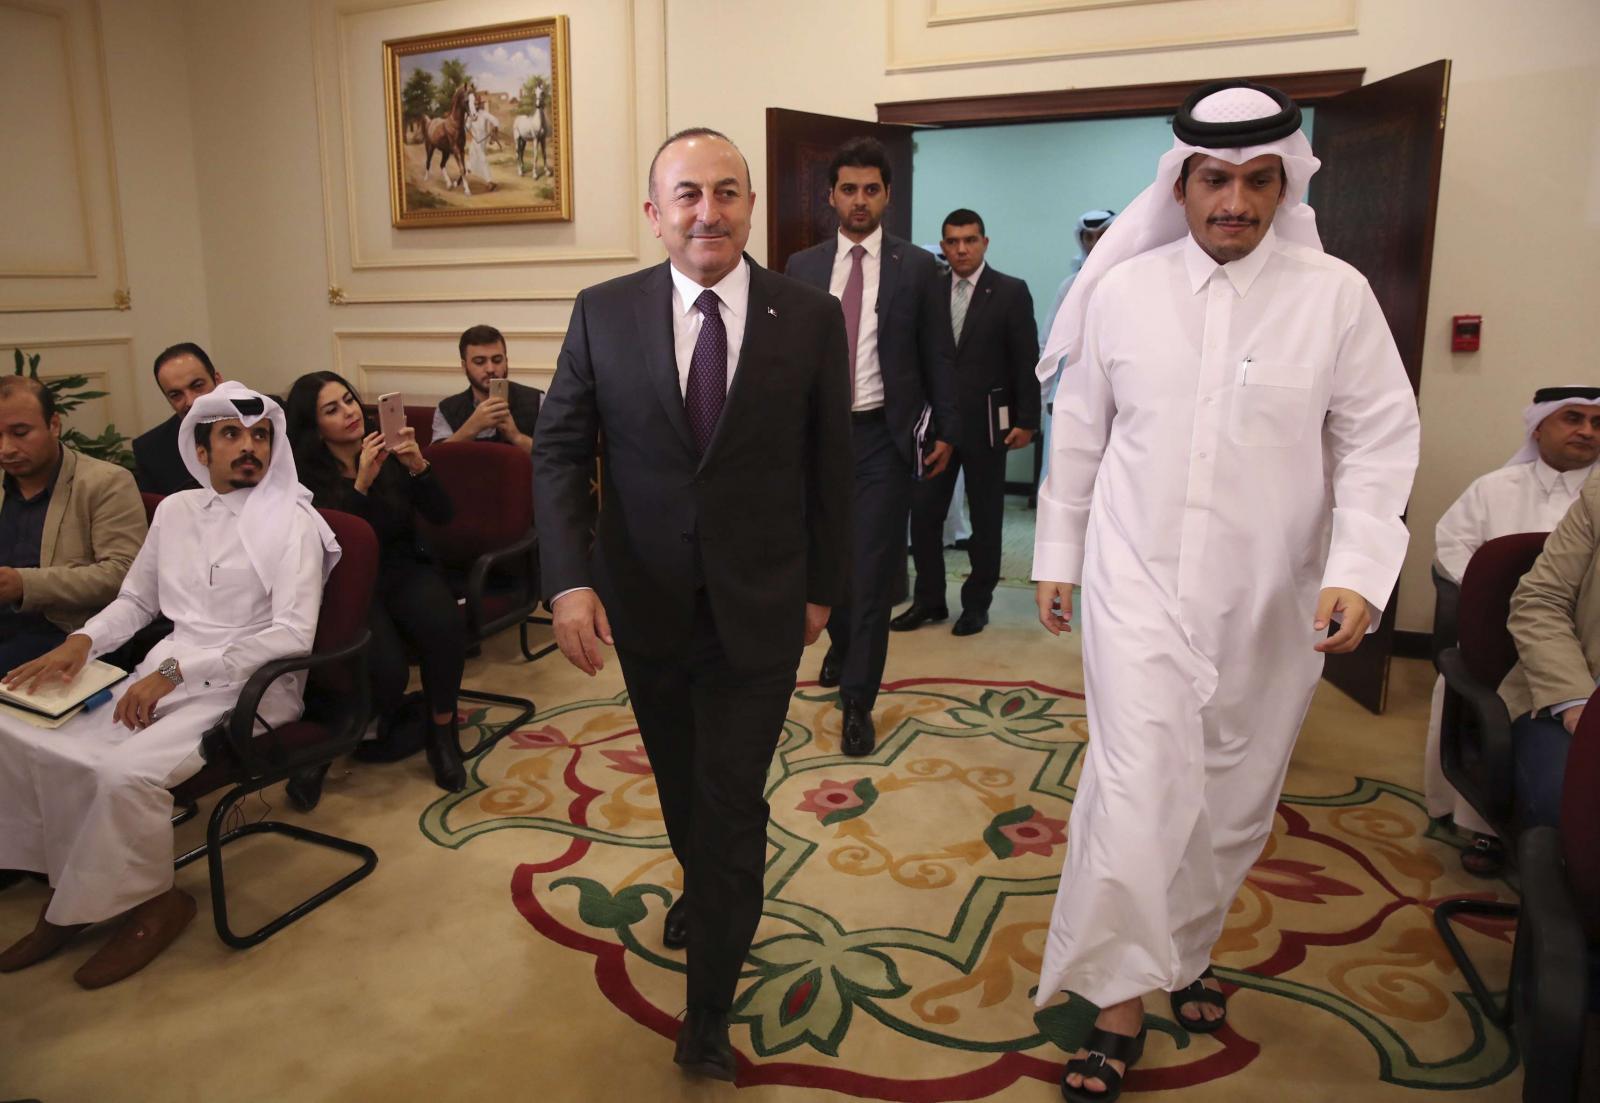 المصالح المتبادلة جمعت حكومتي قطر وتركيا سعيا للخروج من أزمتيهما